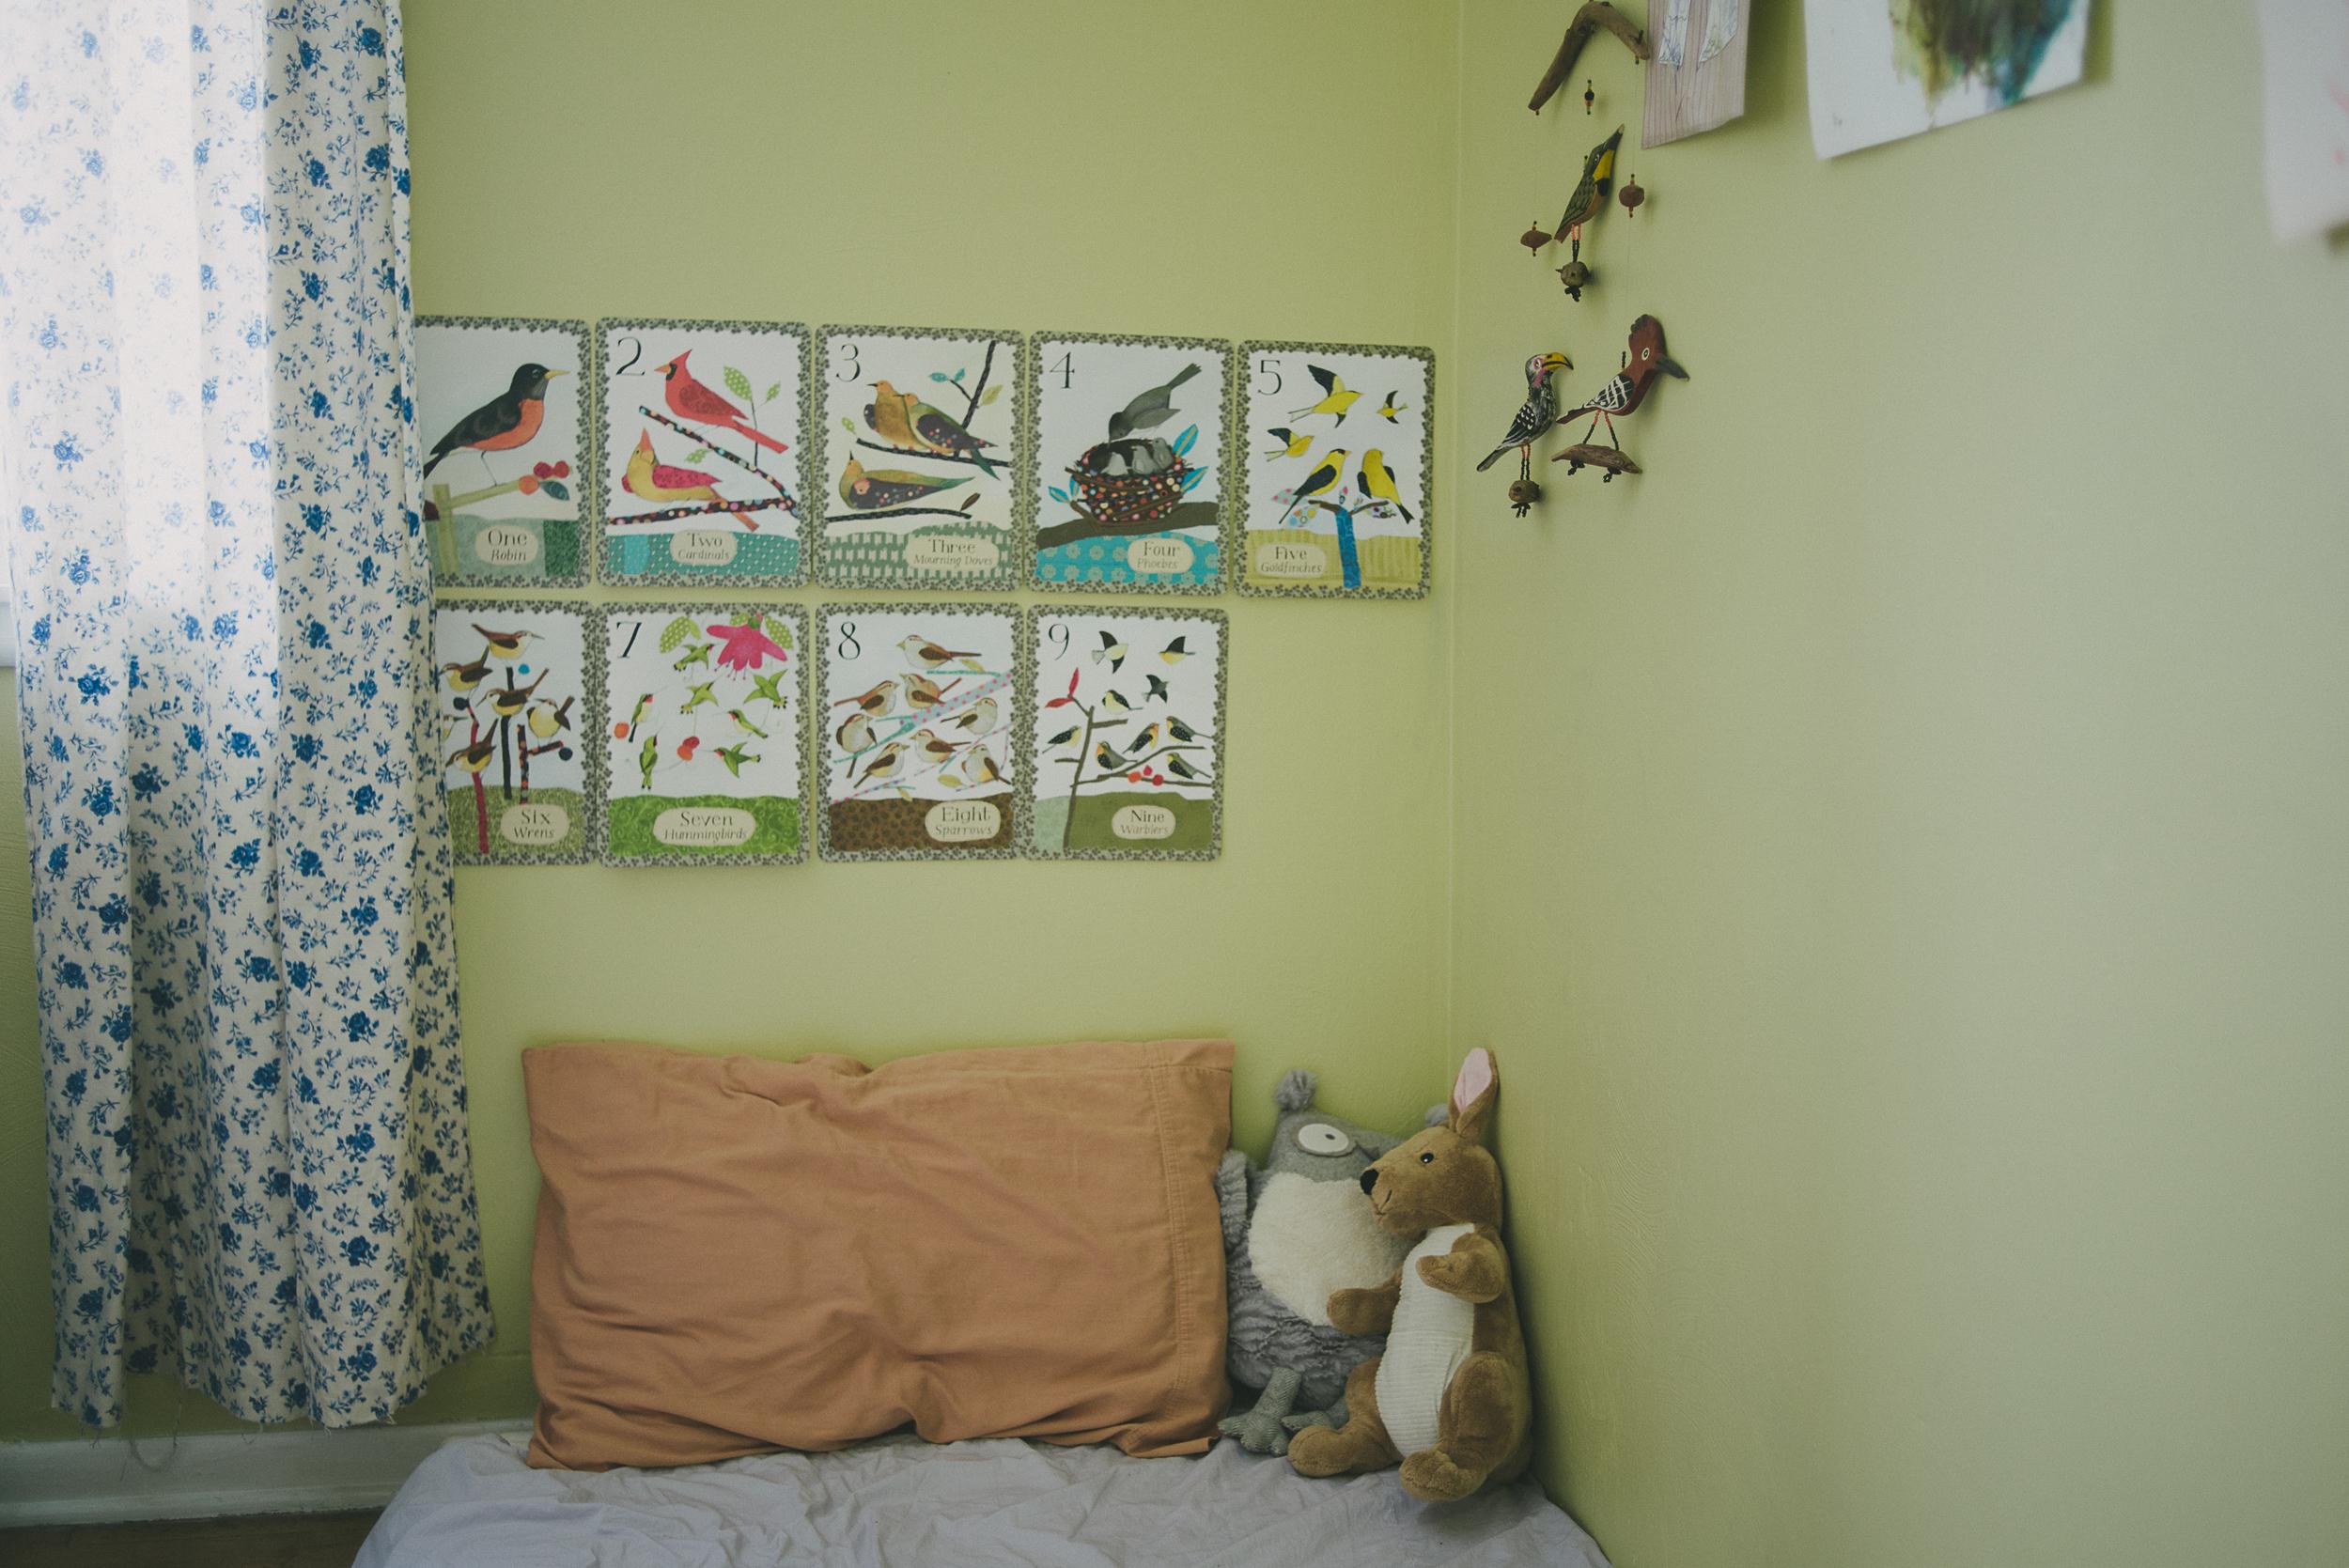 play-room-detail-1.jpg